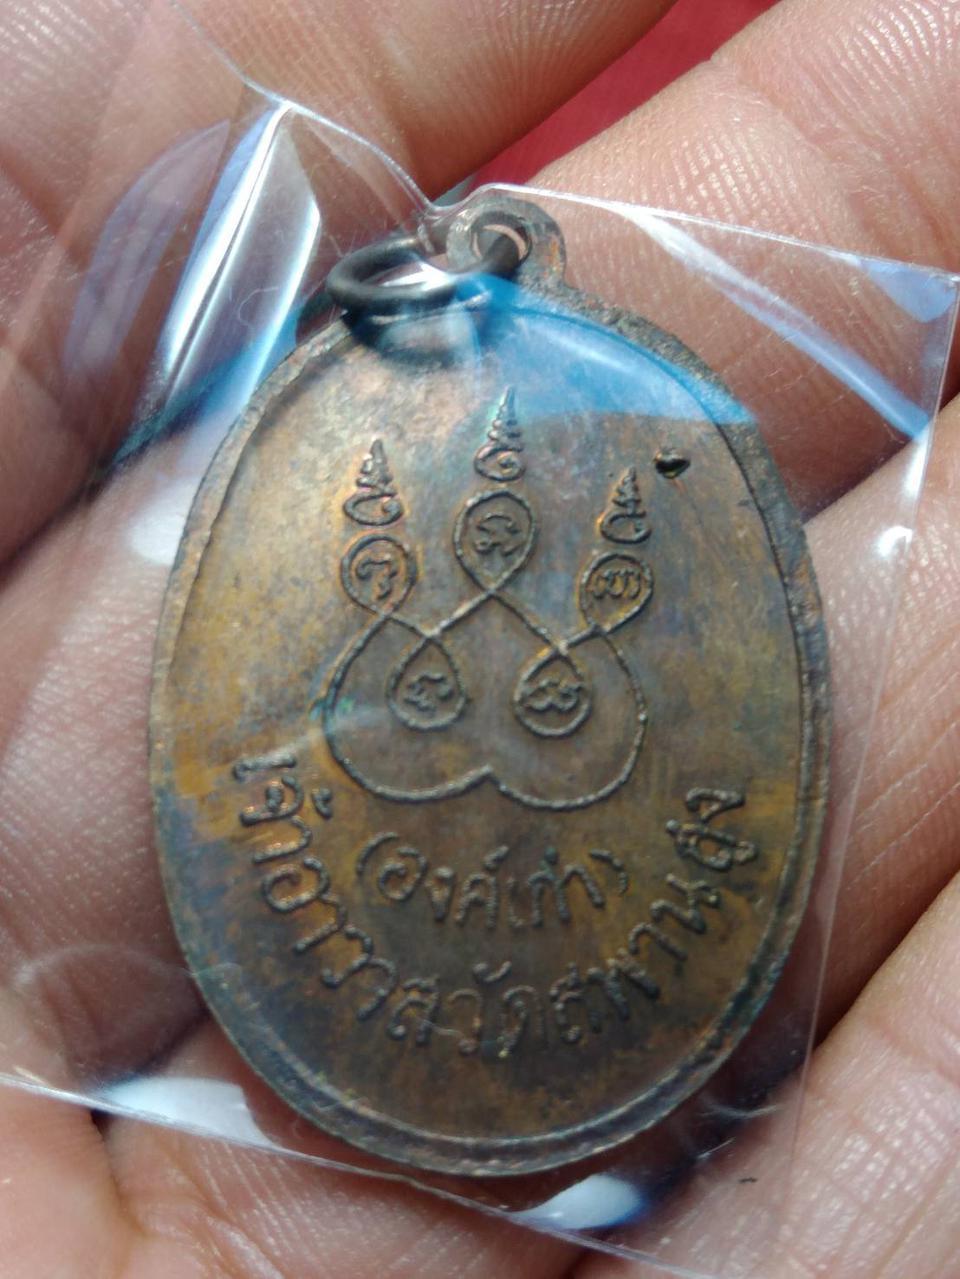 เปิดคับ เหรียญยิ้มหวานหลวงปู่เอี่ยม วัดสะพานสูง นนทบุรี รูปที่ 3